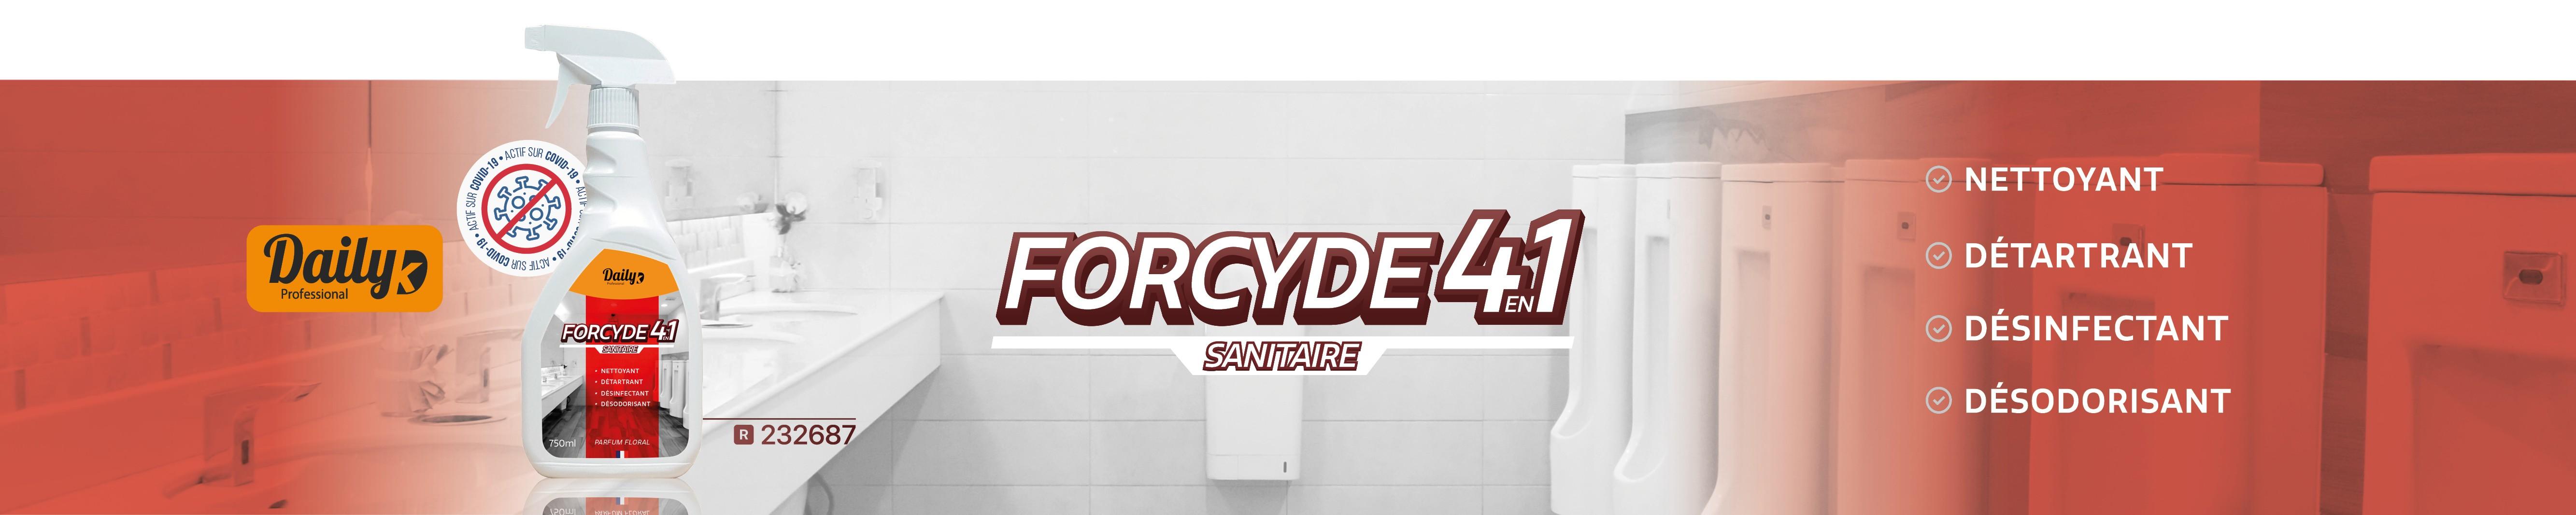 Forcyde 4en1 nettoyant détartrant désinfectant désodorisant sanitaire 232687